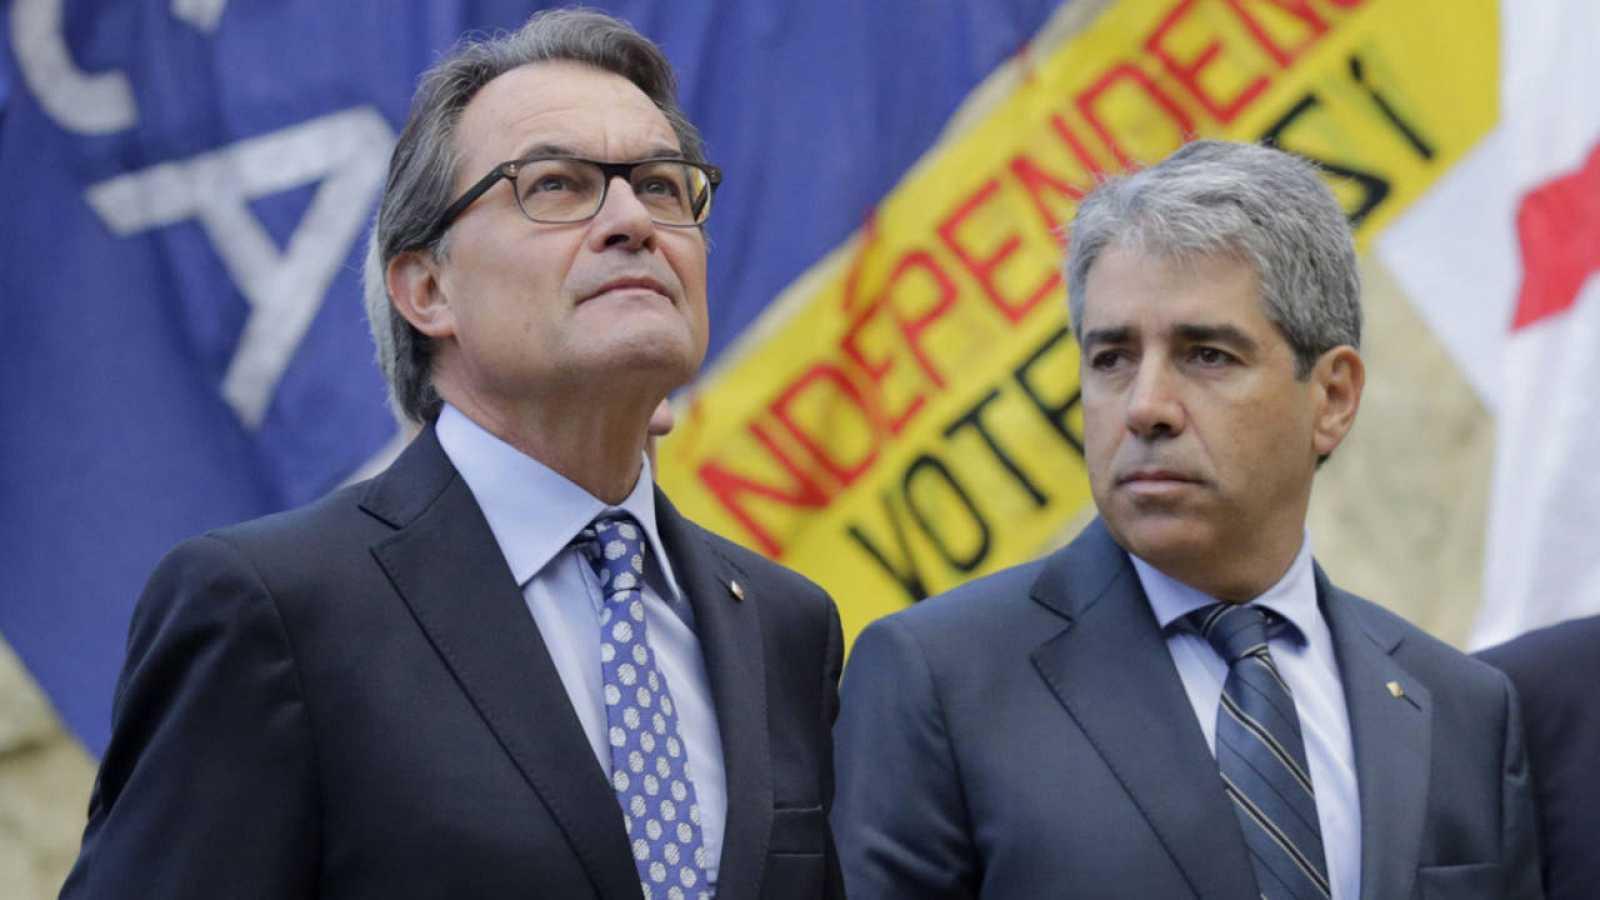 El consejero de Presidencia de la Generalitat, Francesc Homs, junto al presidente, Artur Mas.